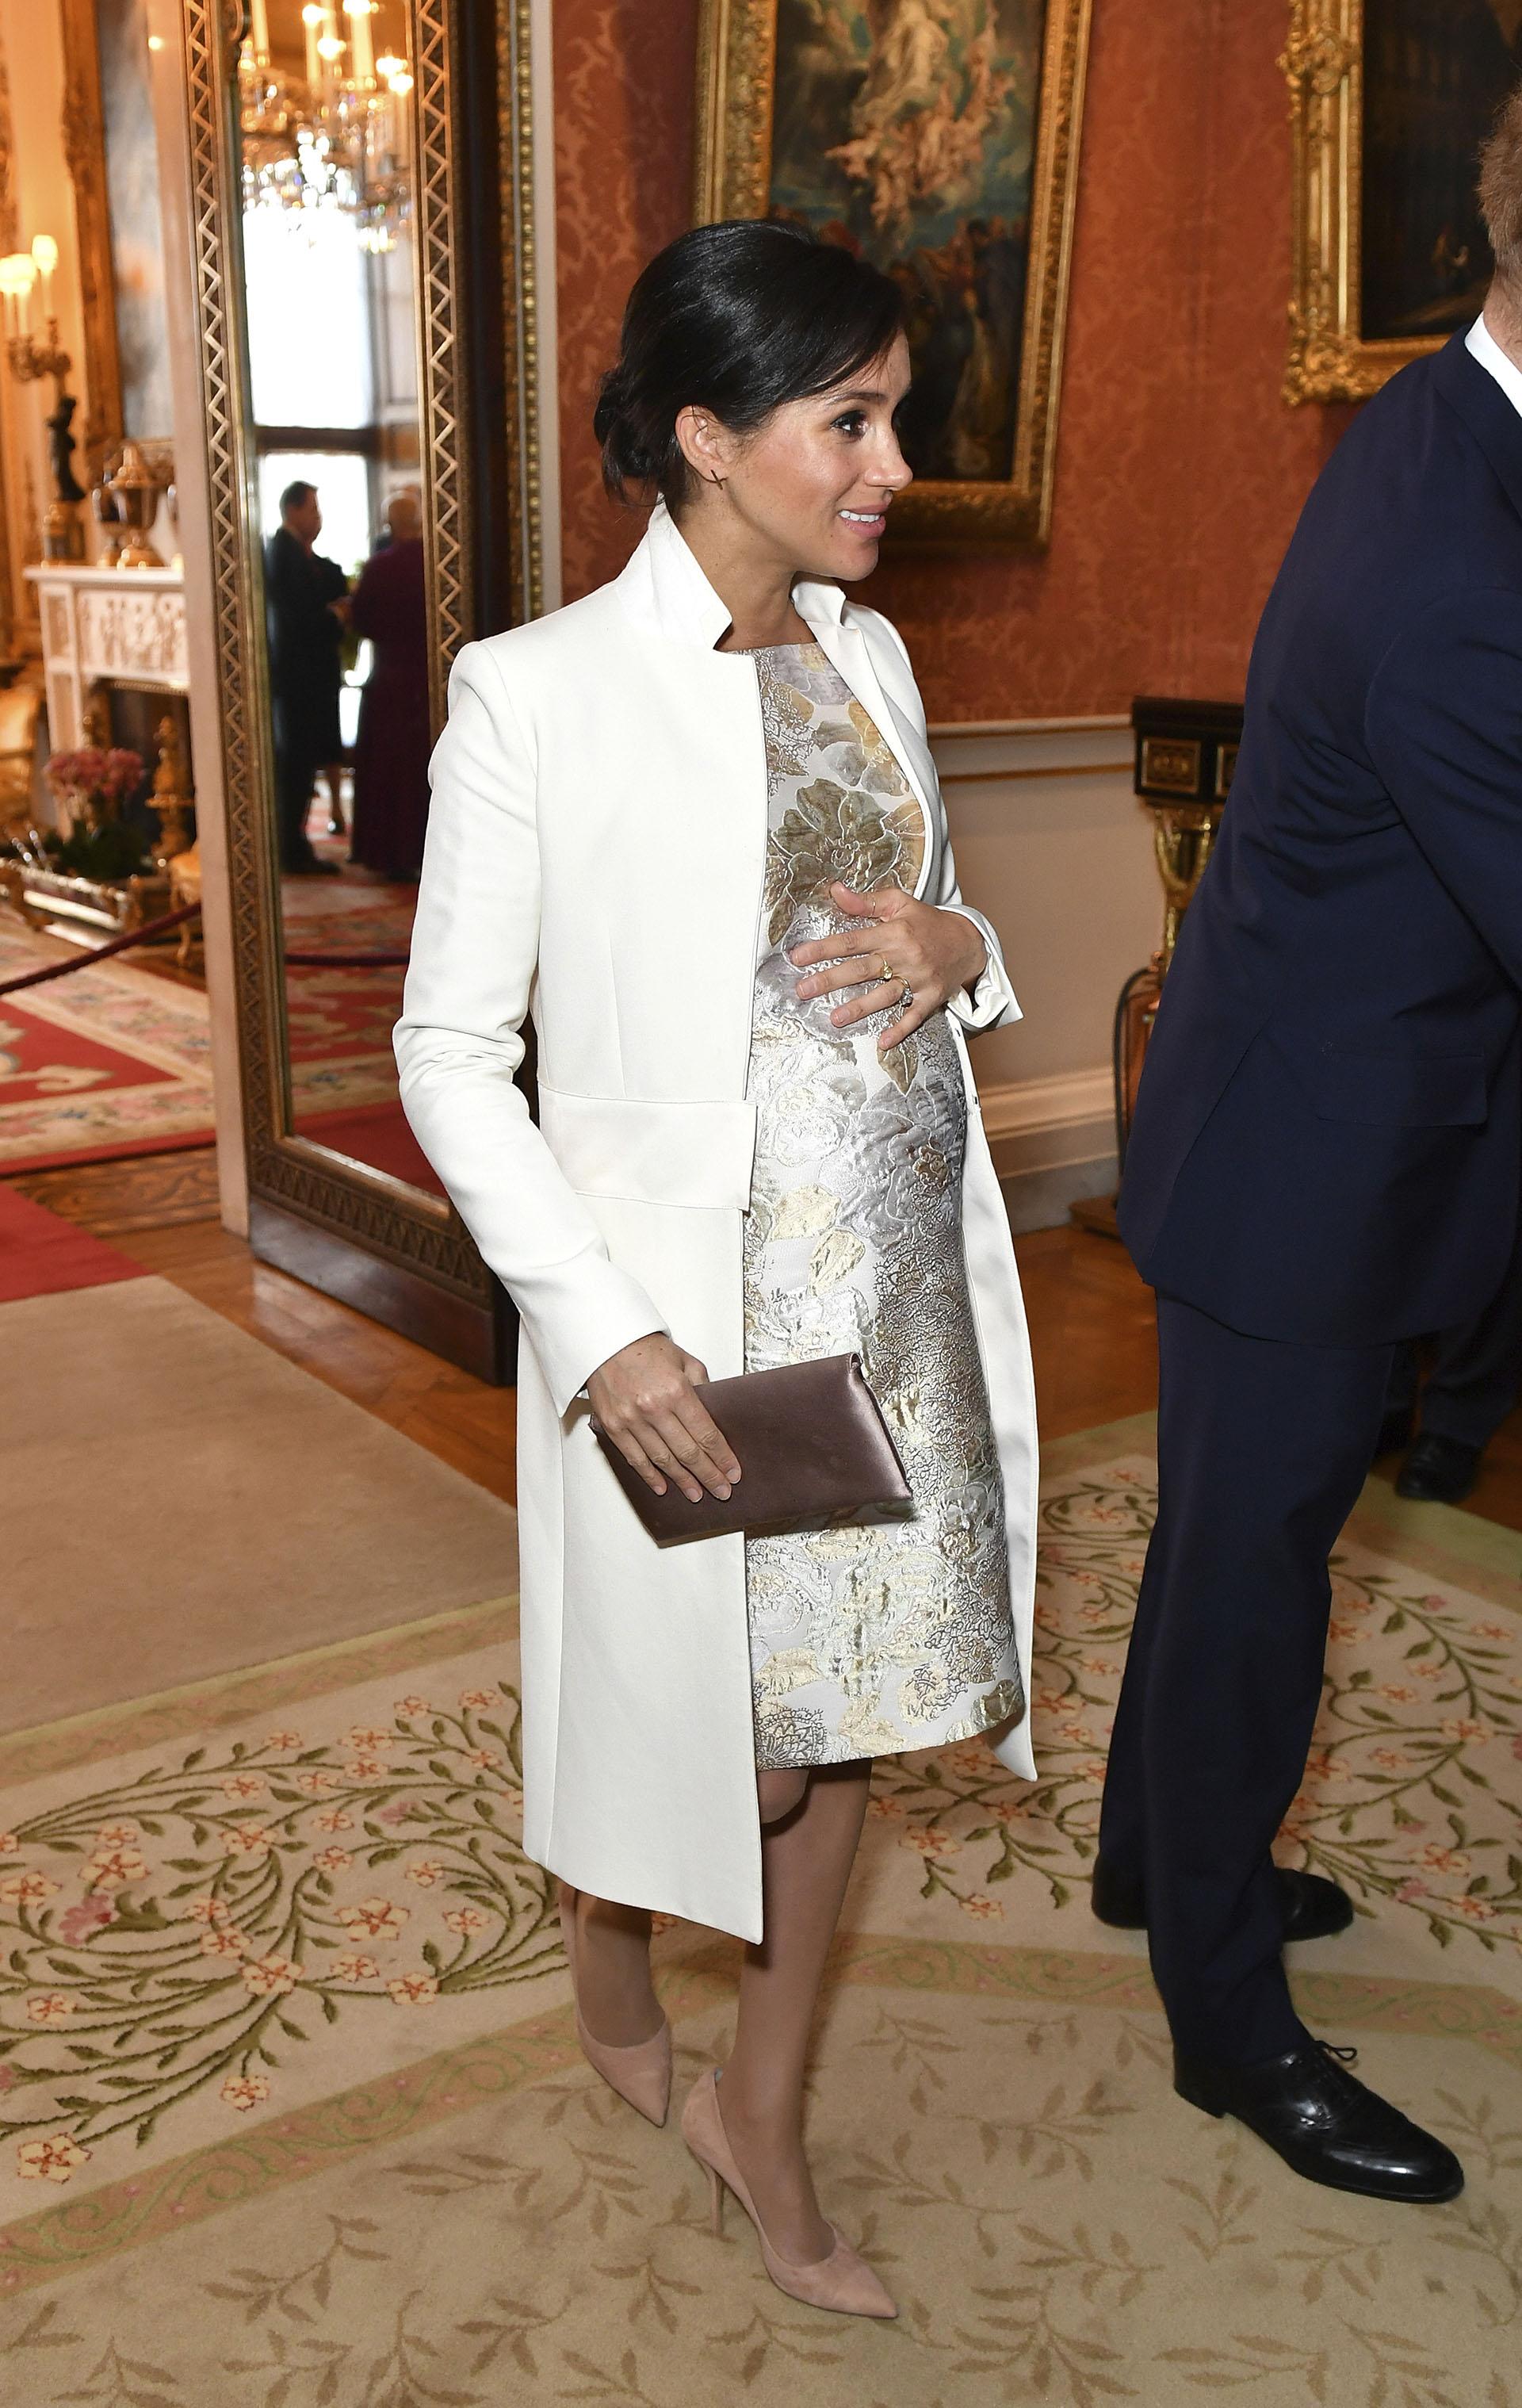 La duquesa de Sussex, asistió a una recepción en el Palacio de Buckingham, Londres, el martes 5 de marzo de 2019, para conmemorar el quincuagésimo aniversario de la investidura del Príncipe de Gales y lució un lookdeslumbrante vestido metálicoy un abrigo blanco de Amanda Wakeley (AP)